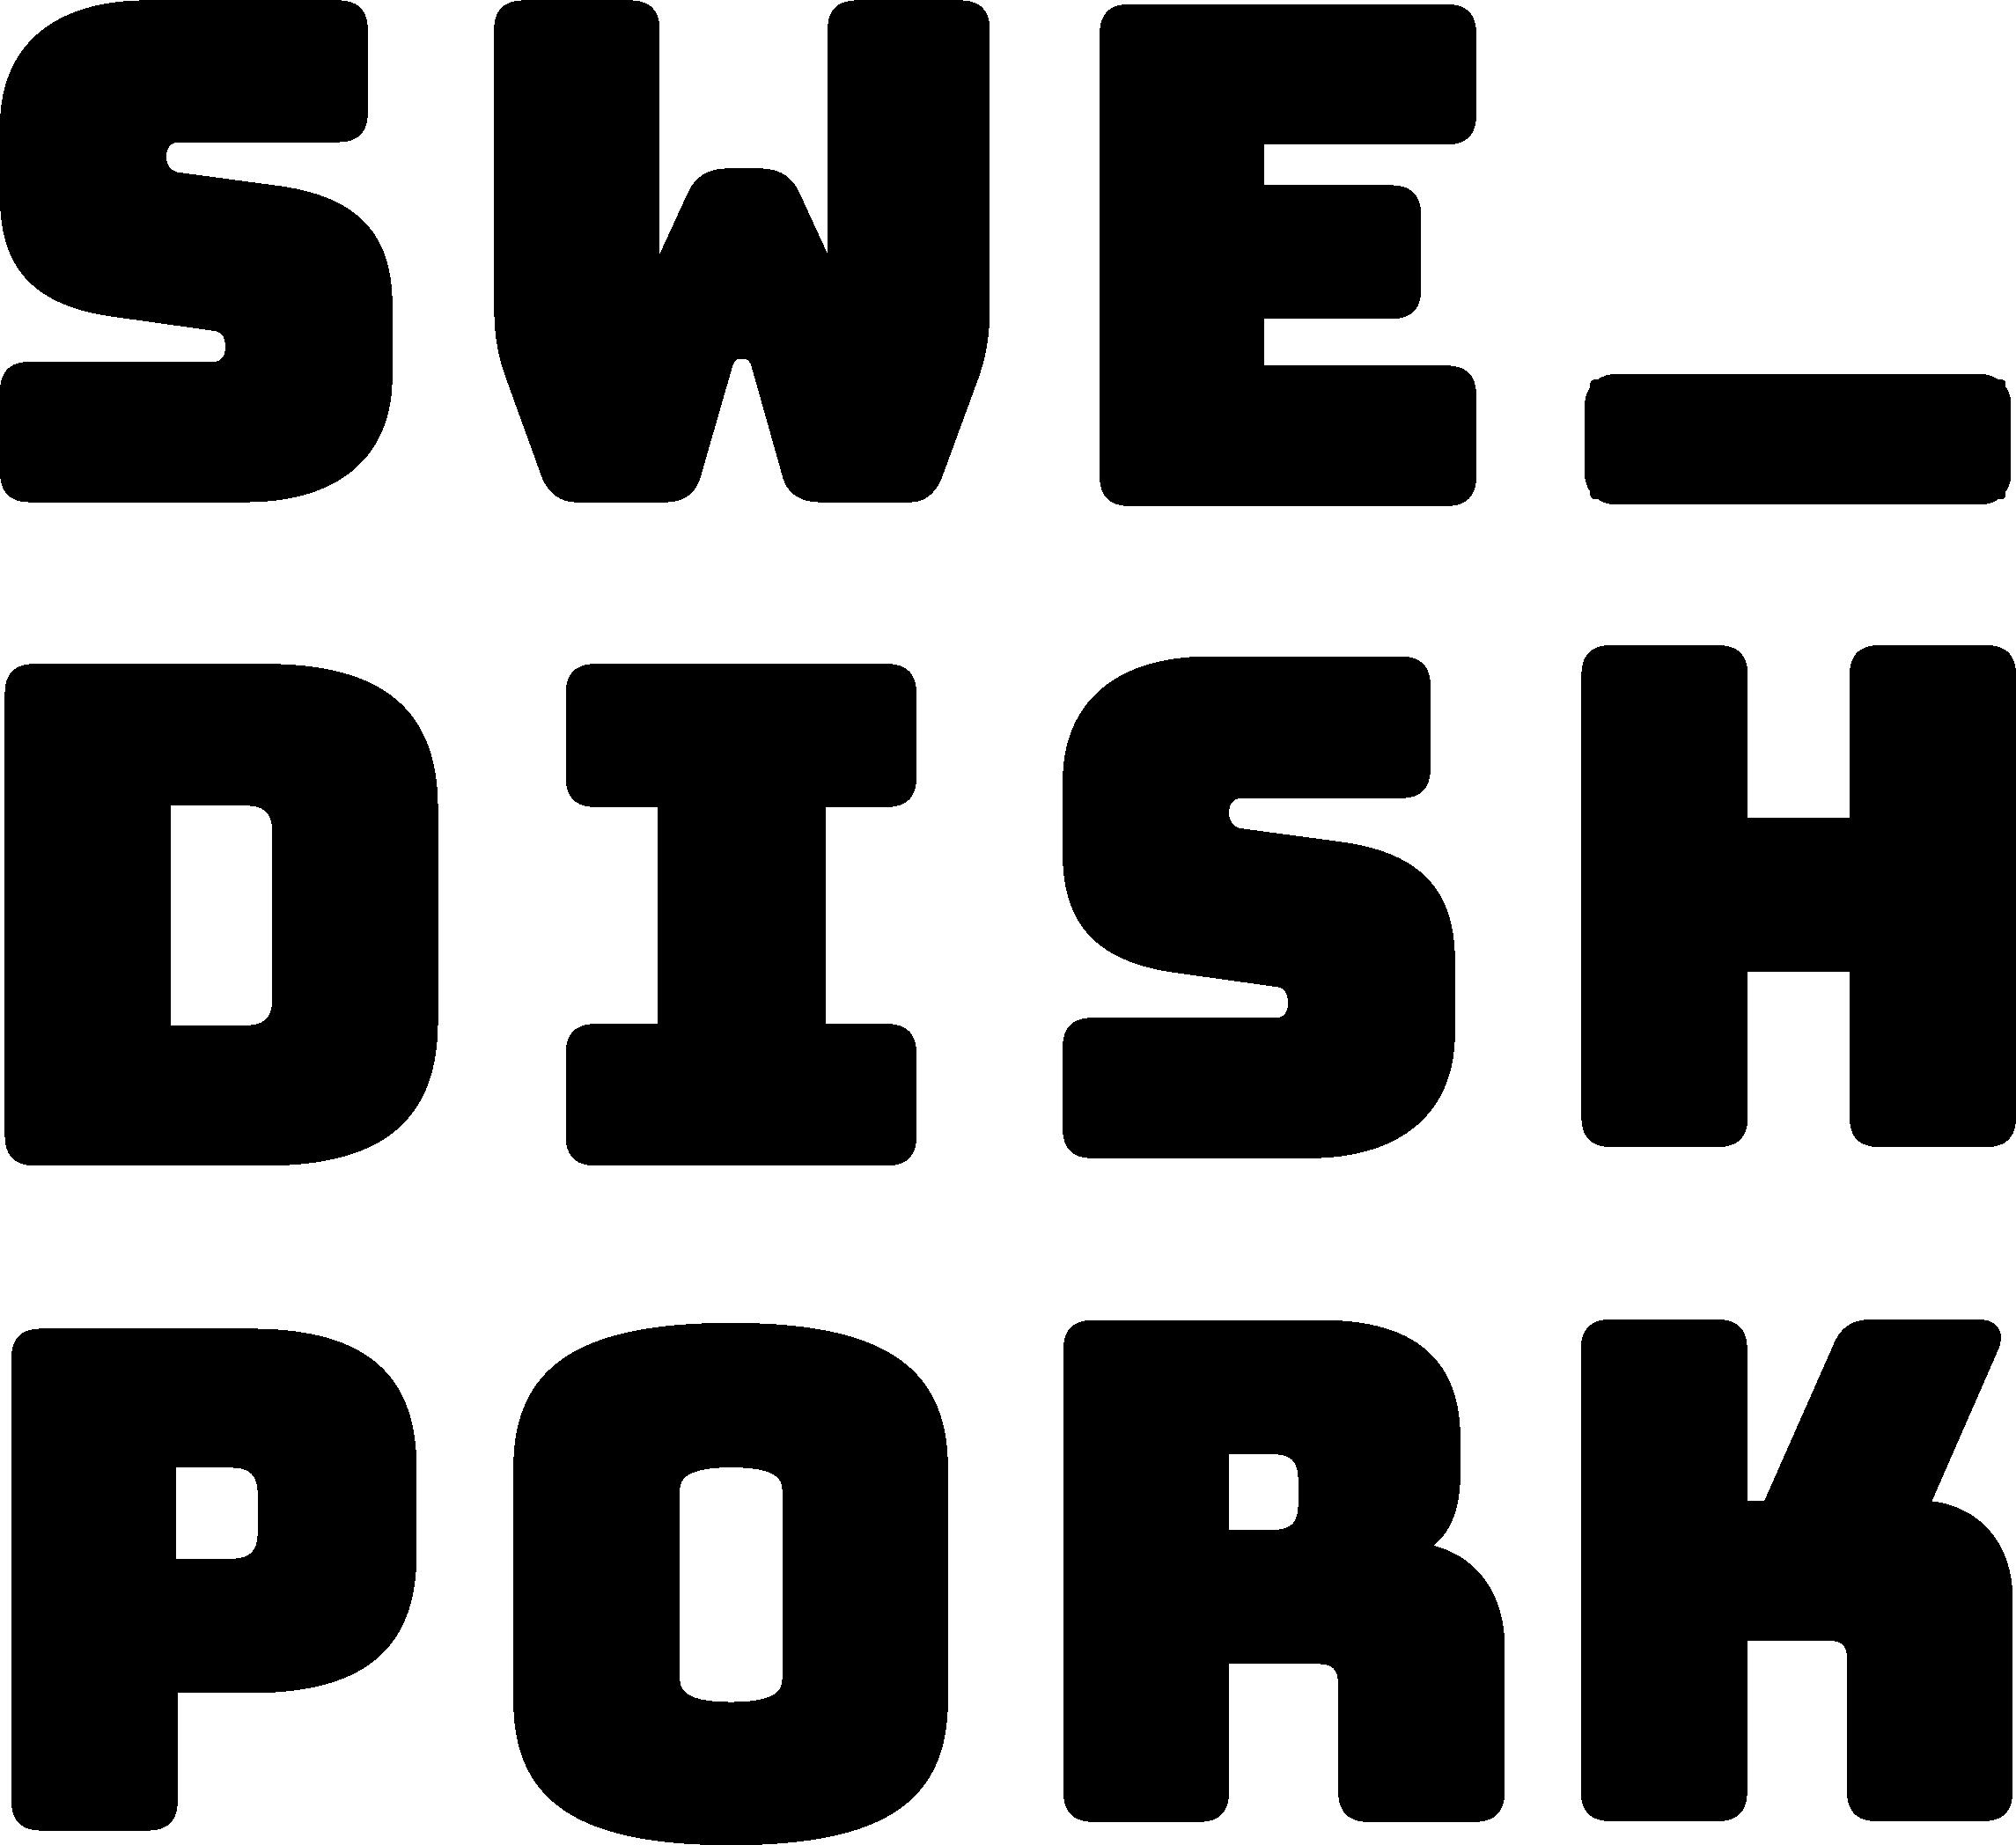 Svensk gris logotyp